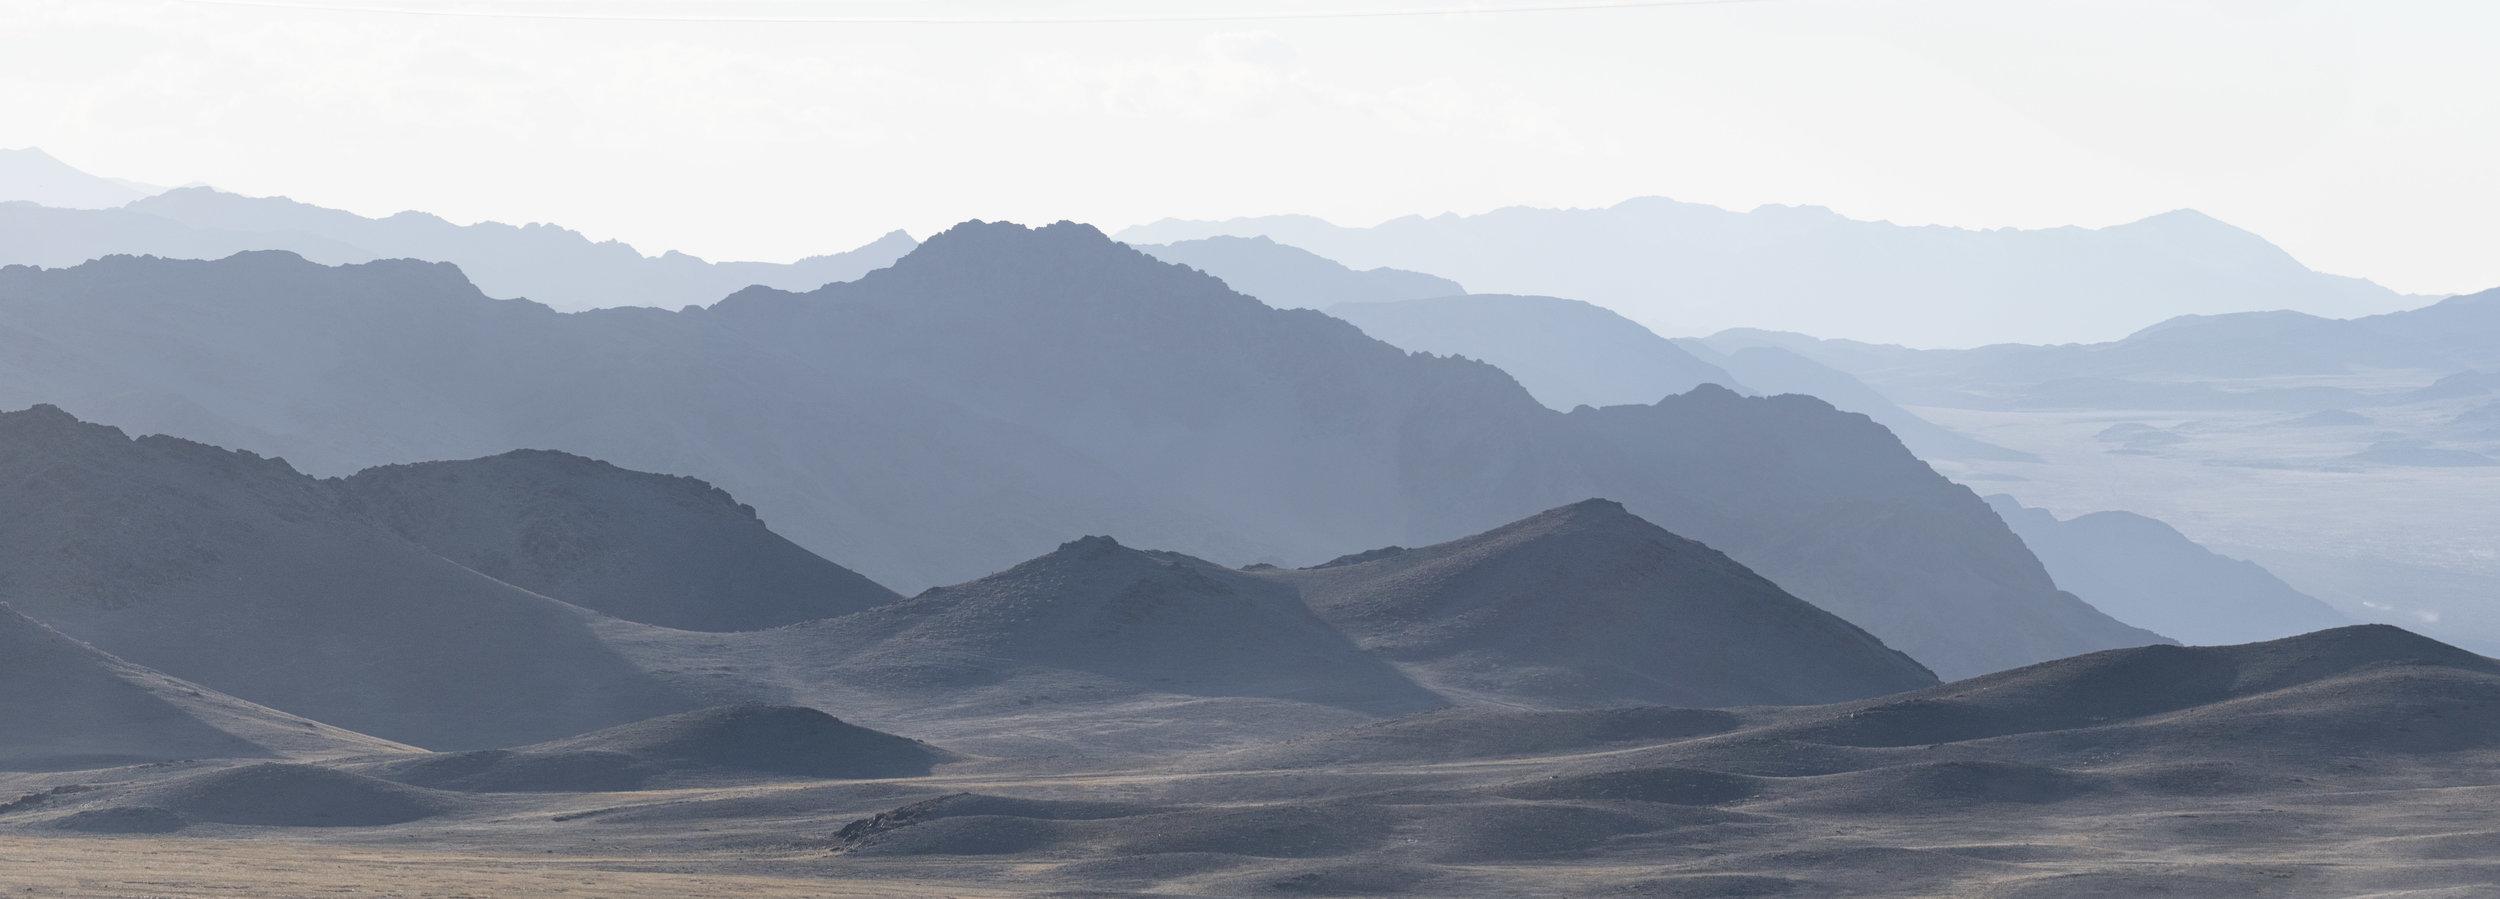 mongolian landscape.jpg